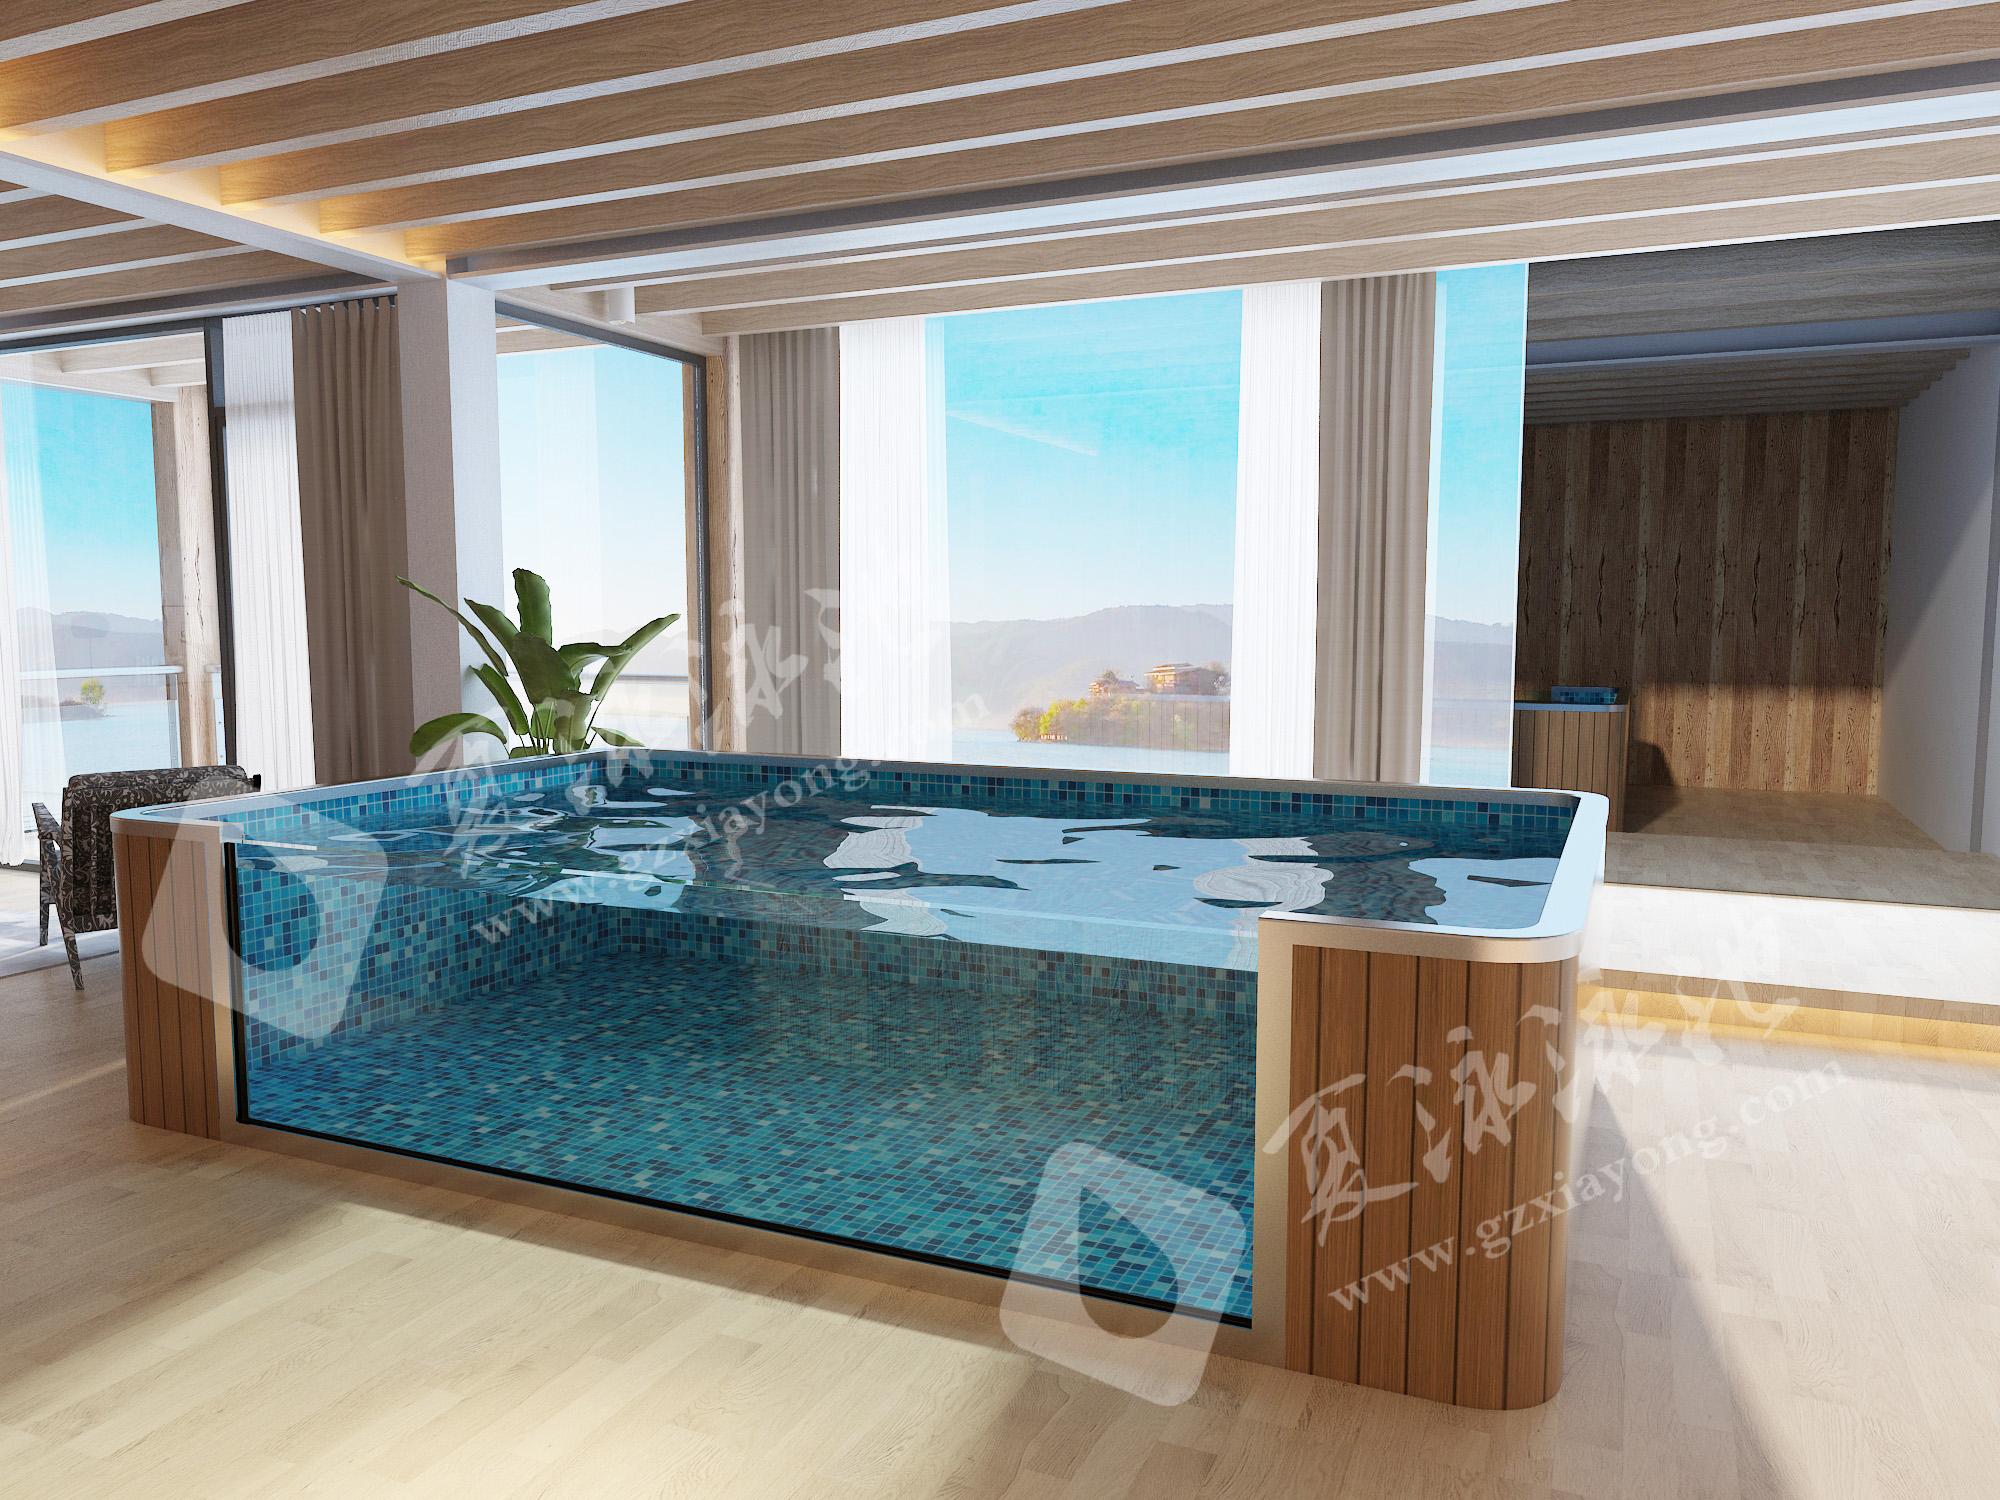 别墅室内定制透明玻璃装饰游泳池效果展示